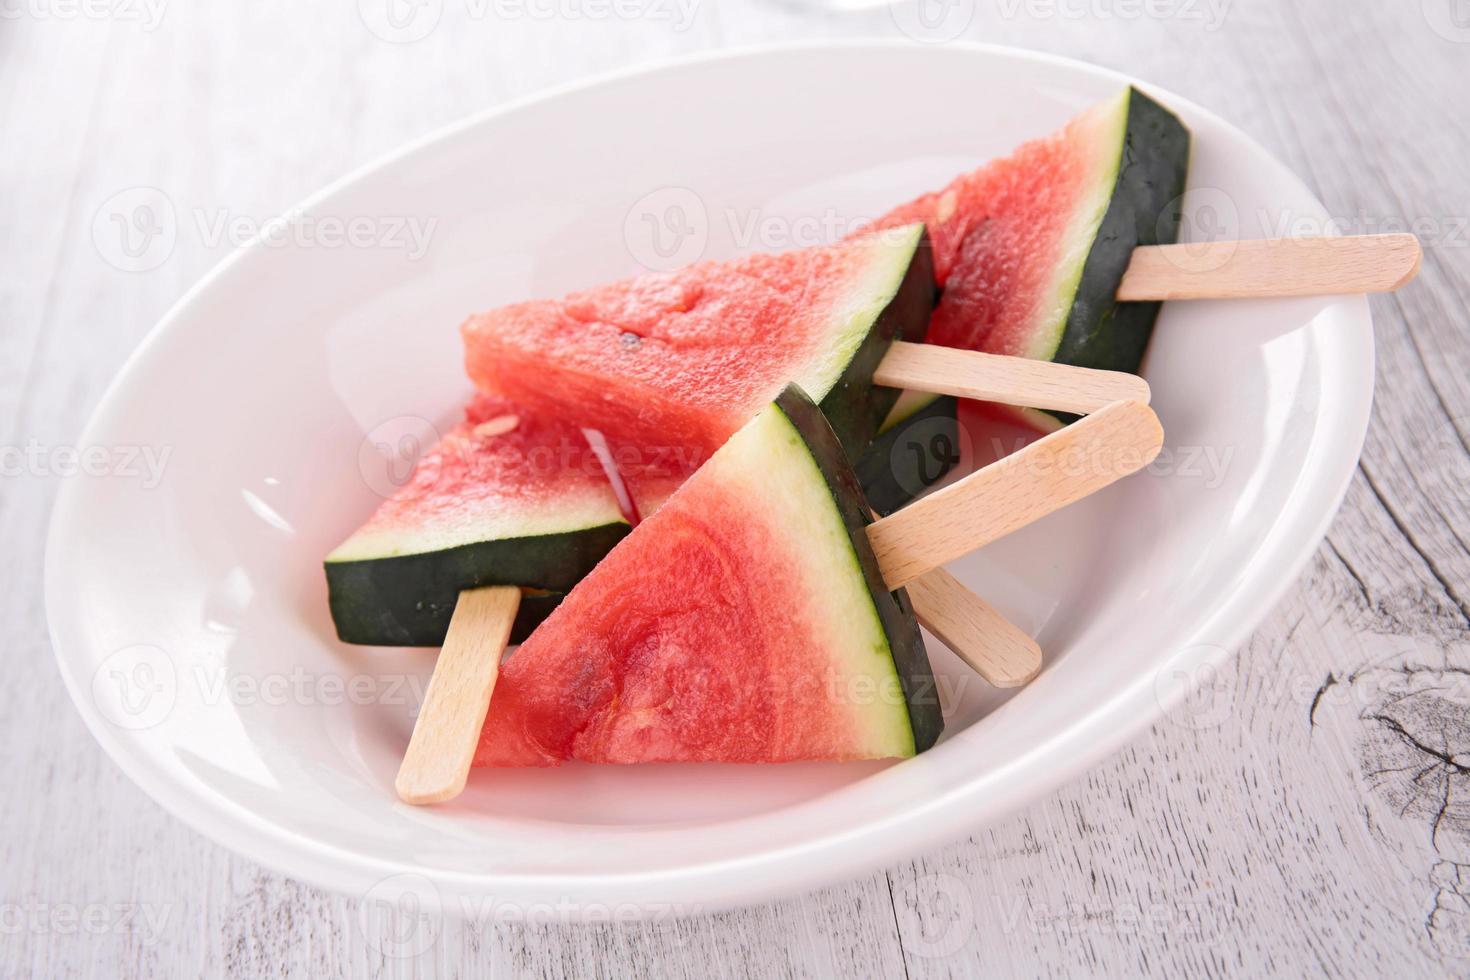 watermeloen ijs foto